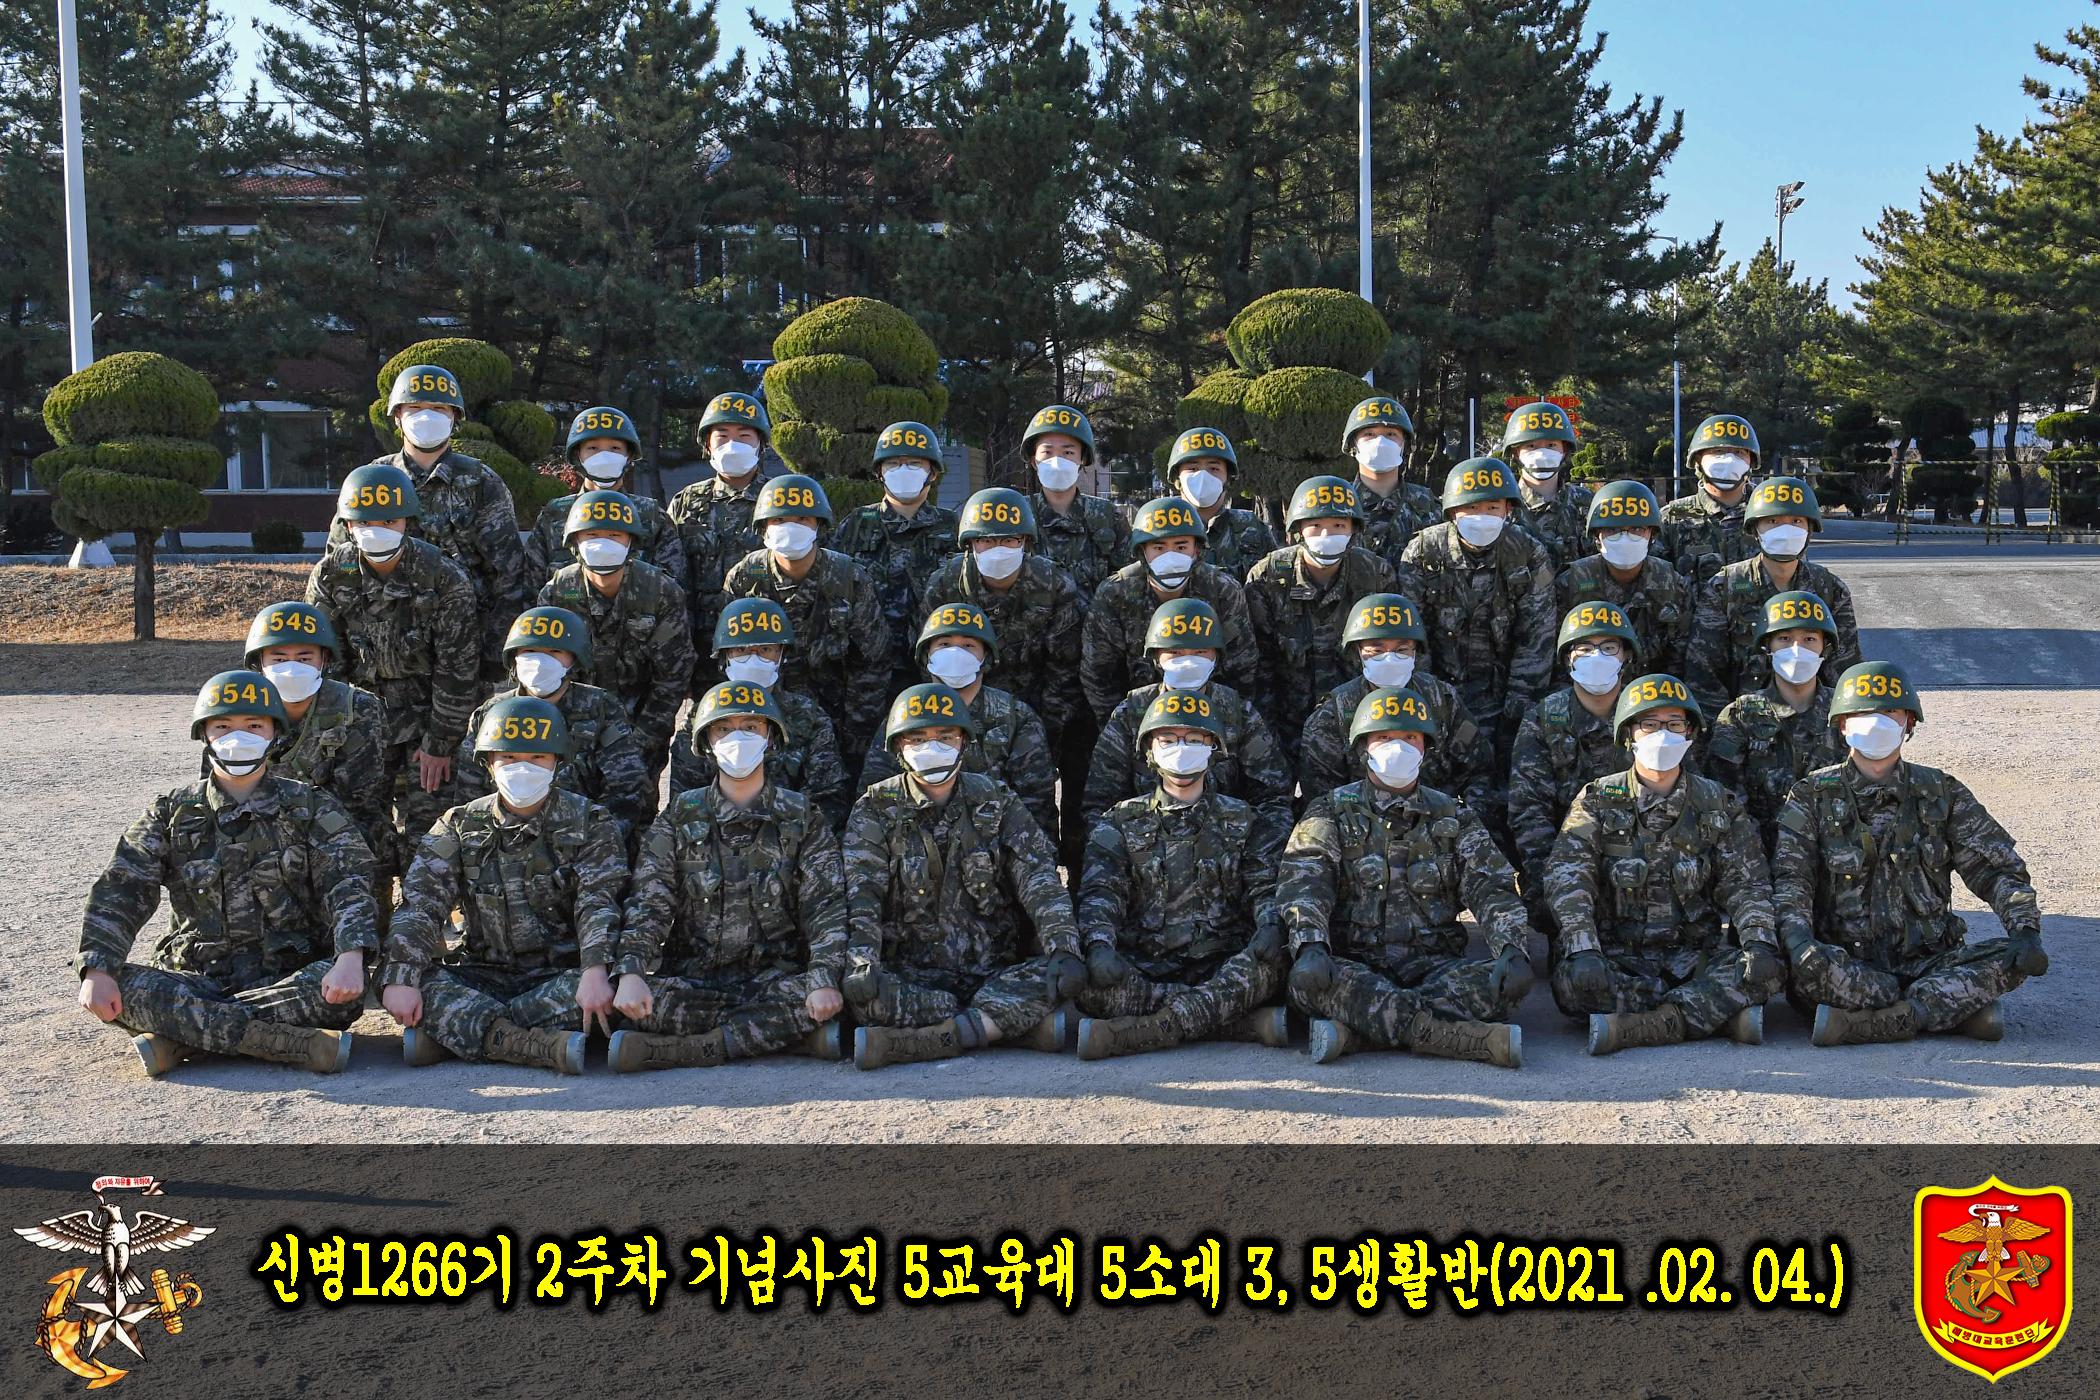 해병대 신병 1266기 5교육대 3주차 생활반 사진 8.jpg